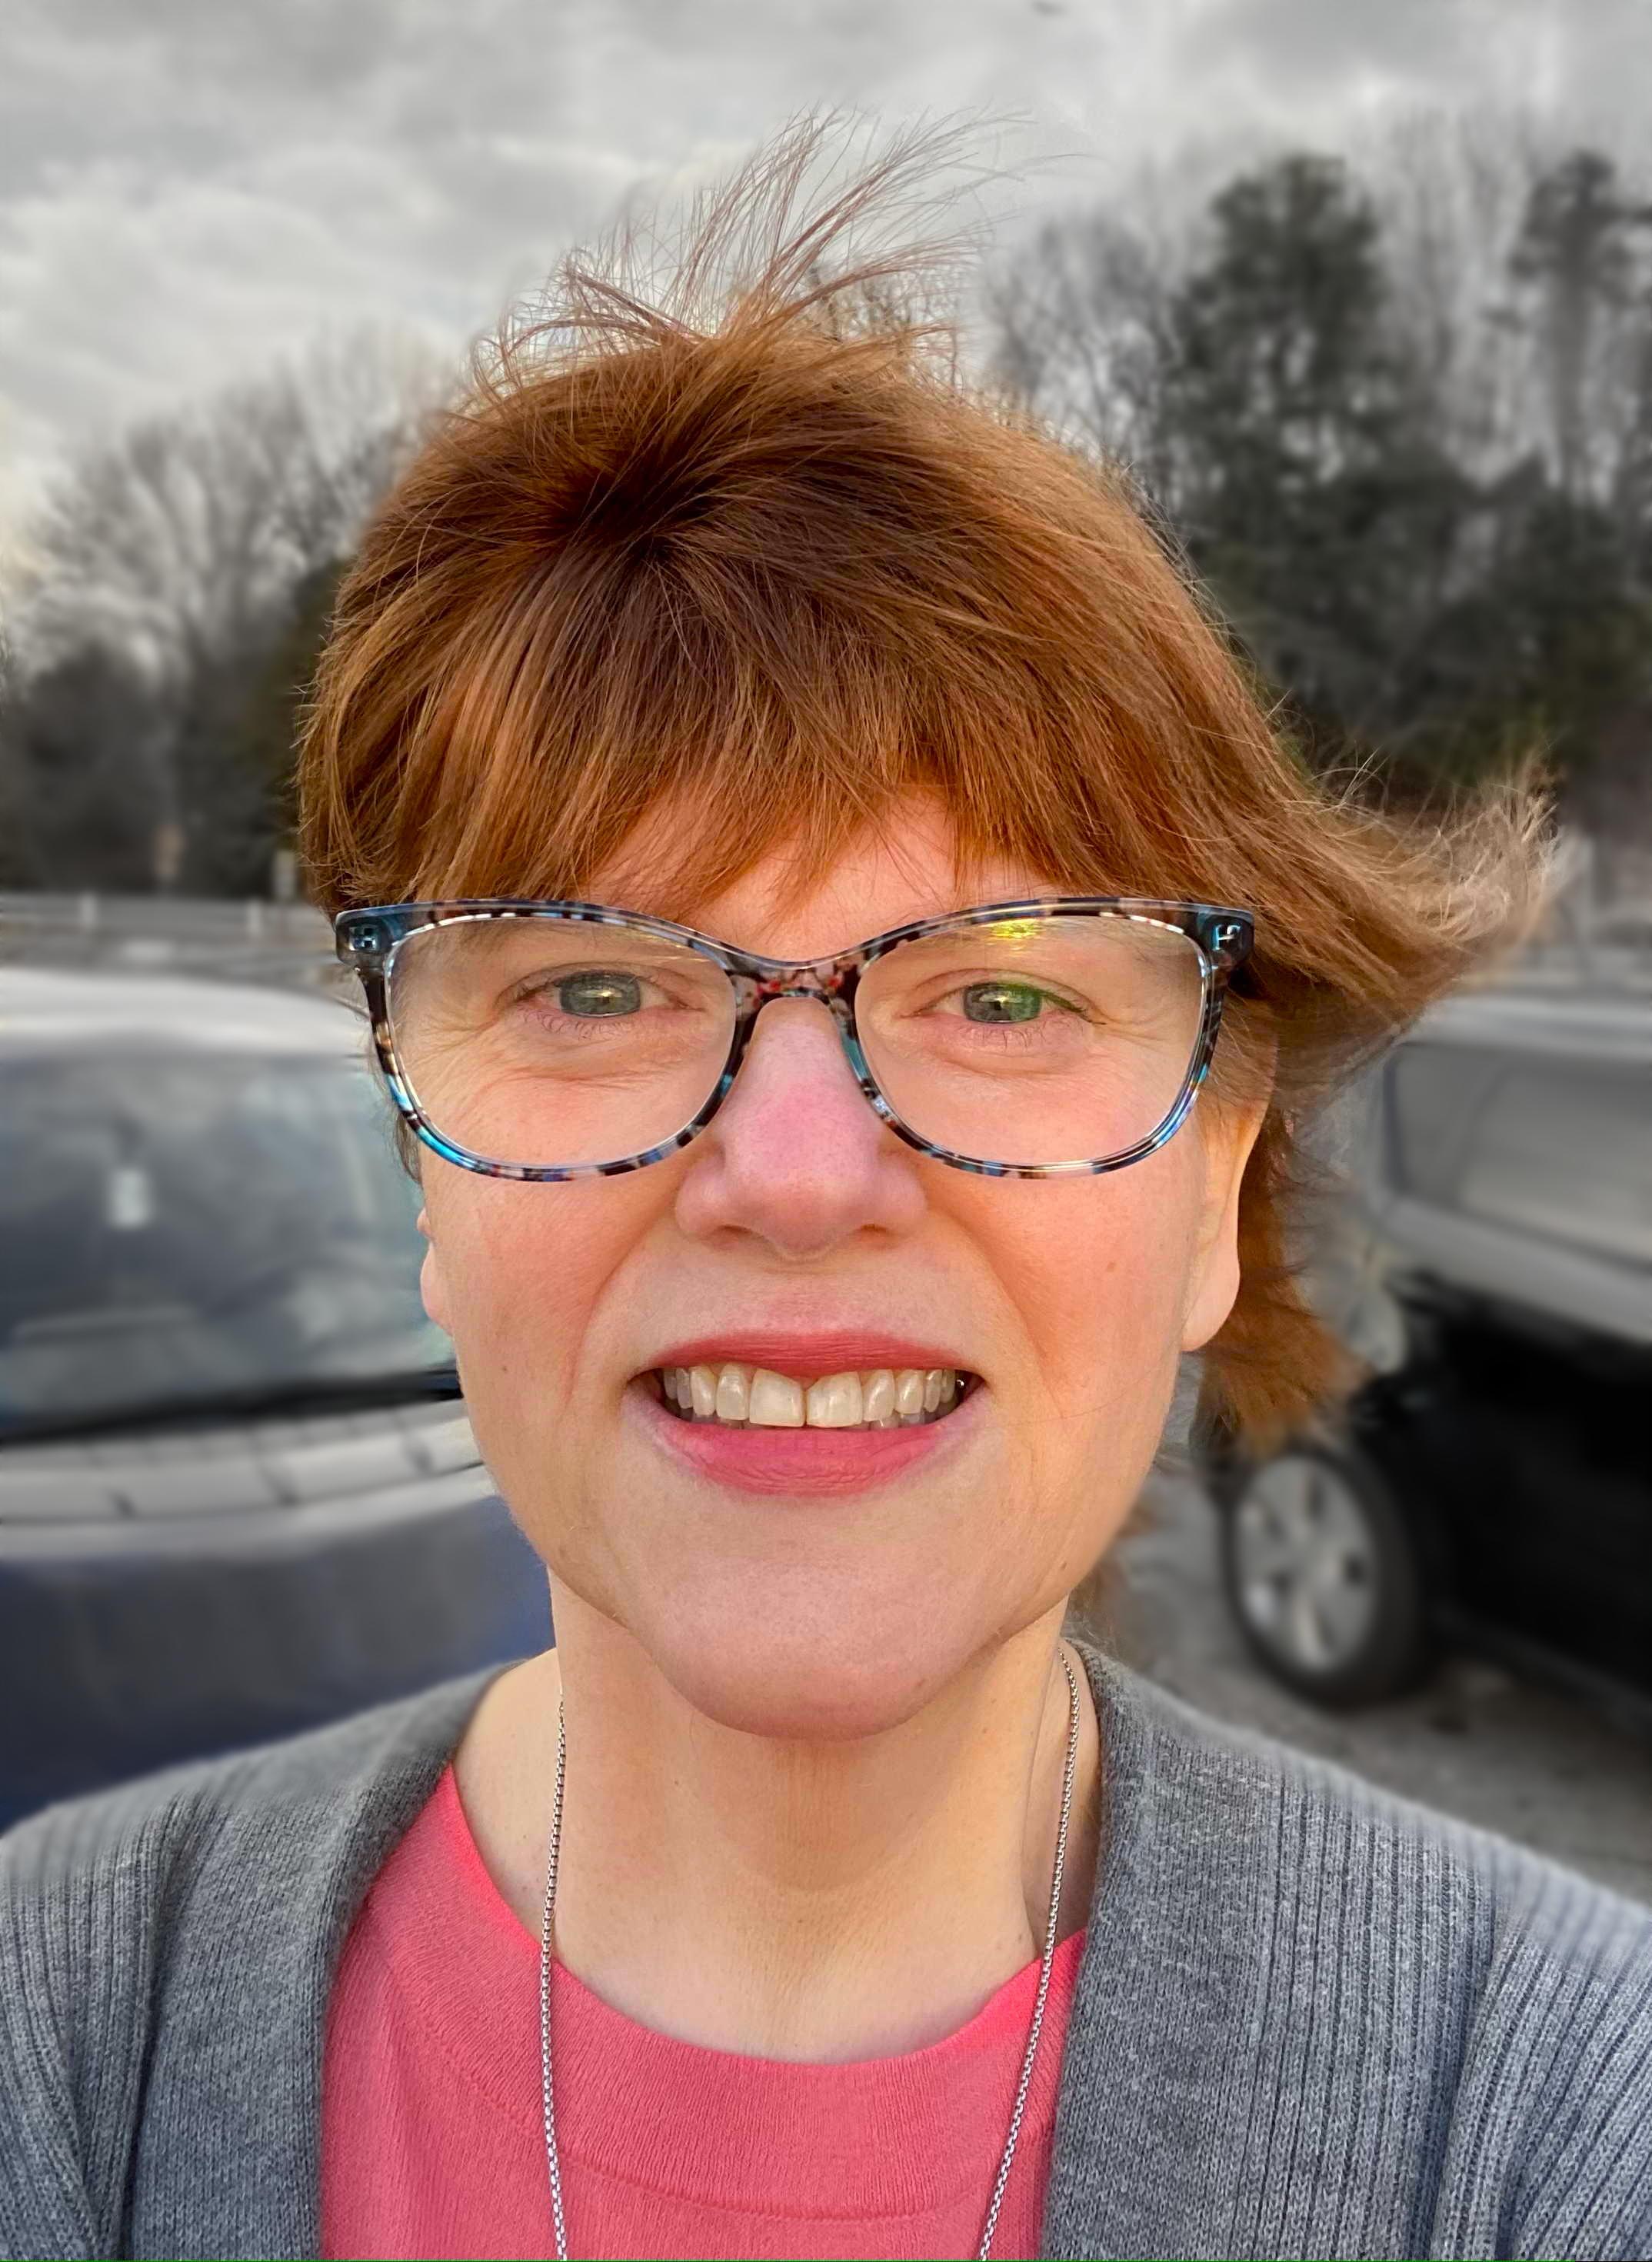 Brynda Quinn